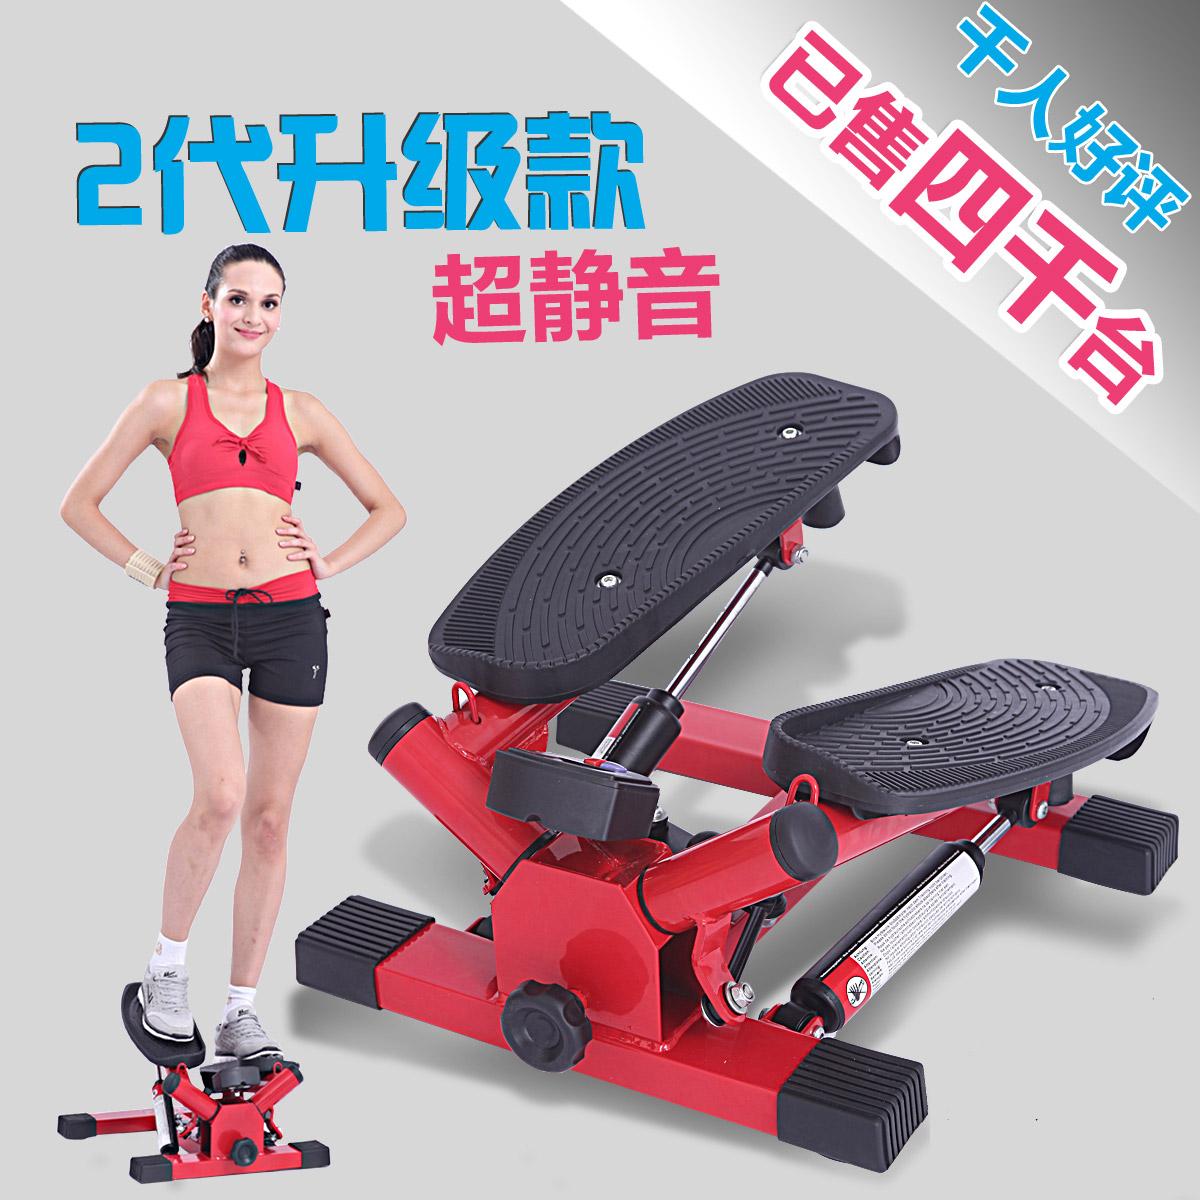 踏步机静音朗威多功能液压摇摆踏步机 正品瘦腿减肥家用健身器材商品图片